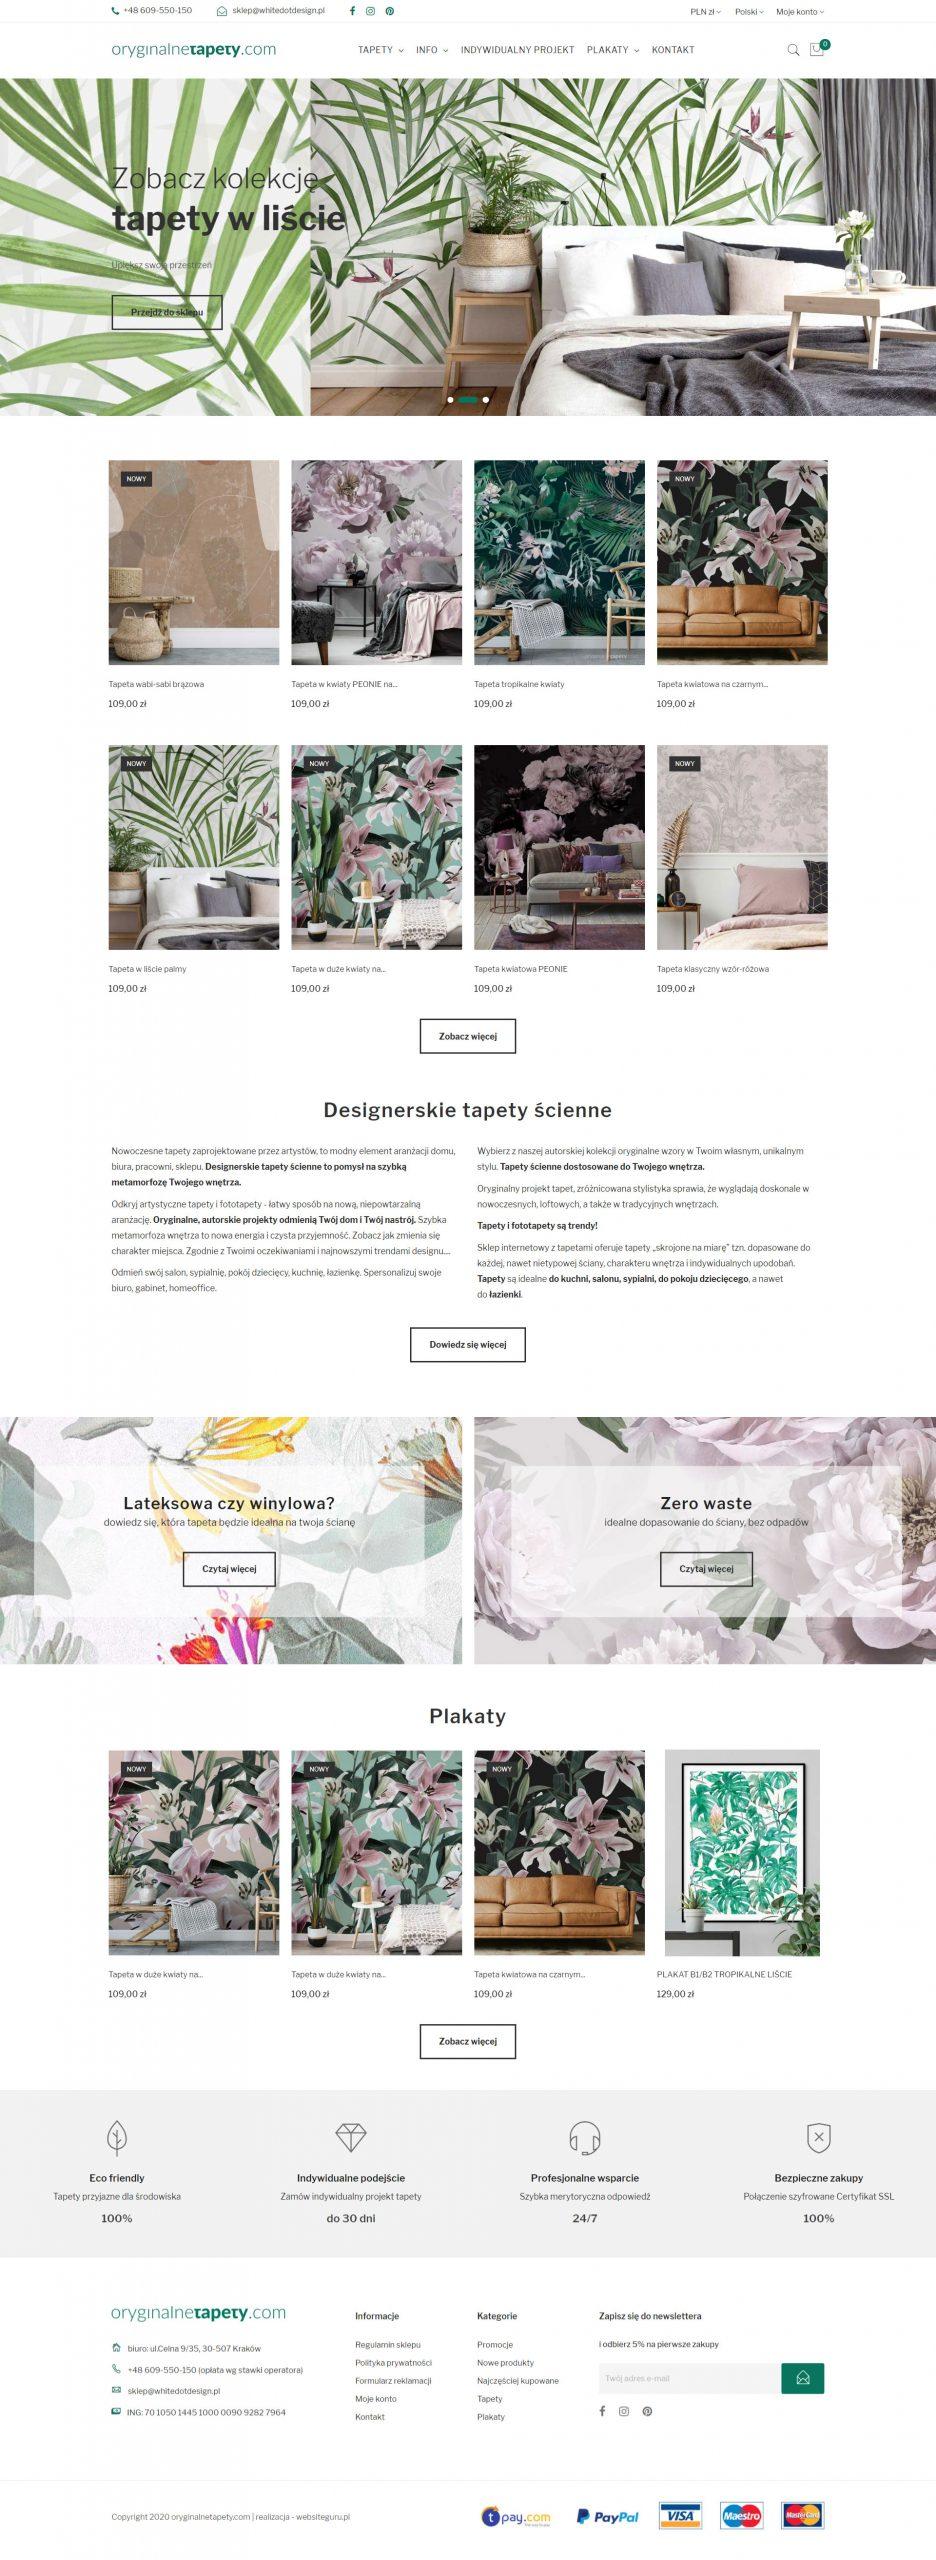 Sklep internetowy z tapetami dla firmy Oryginalne Tapety wykonany przez websiteguru.pl